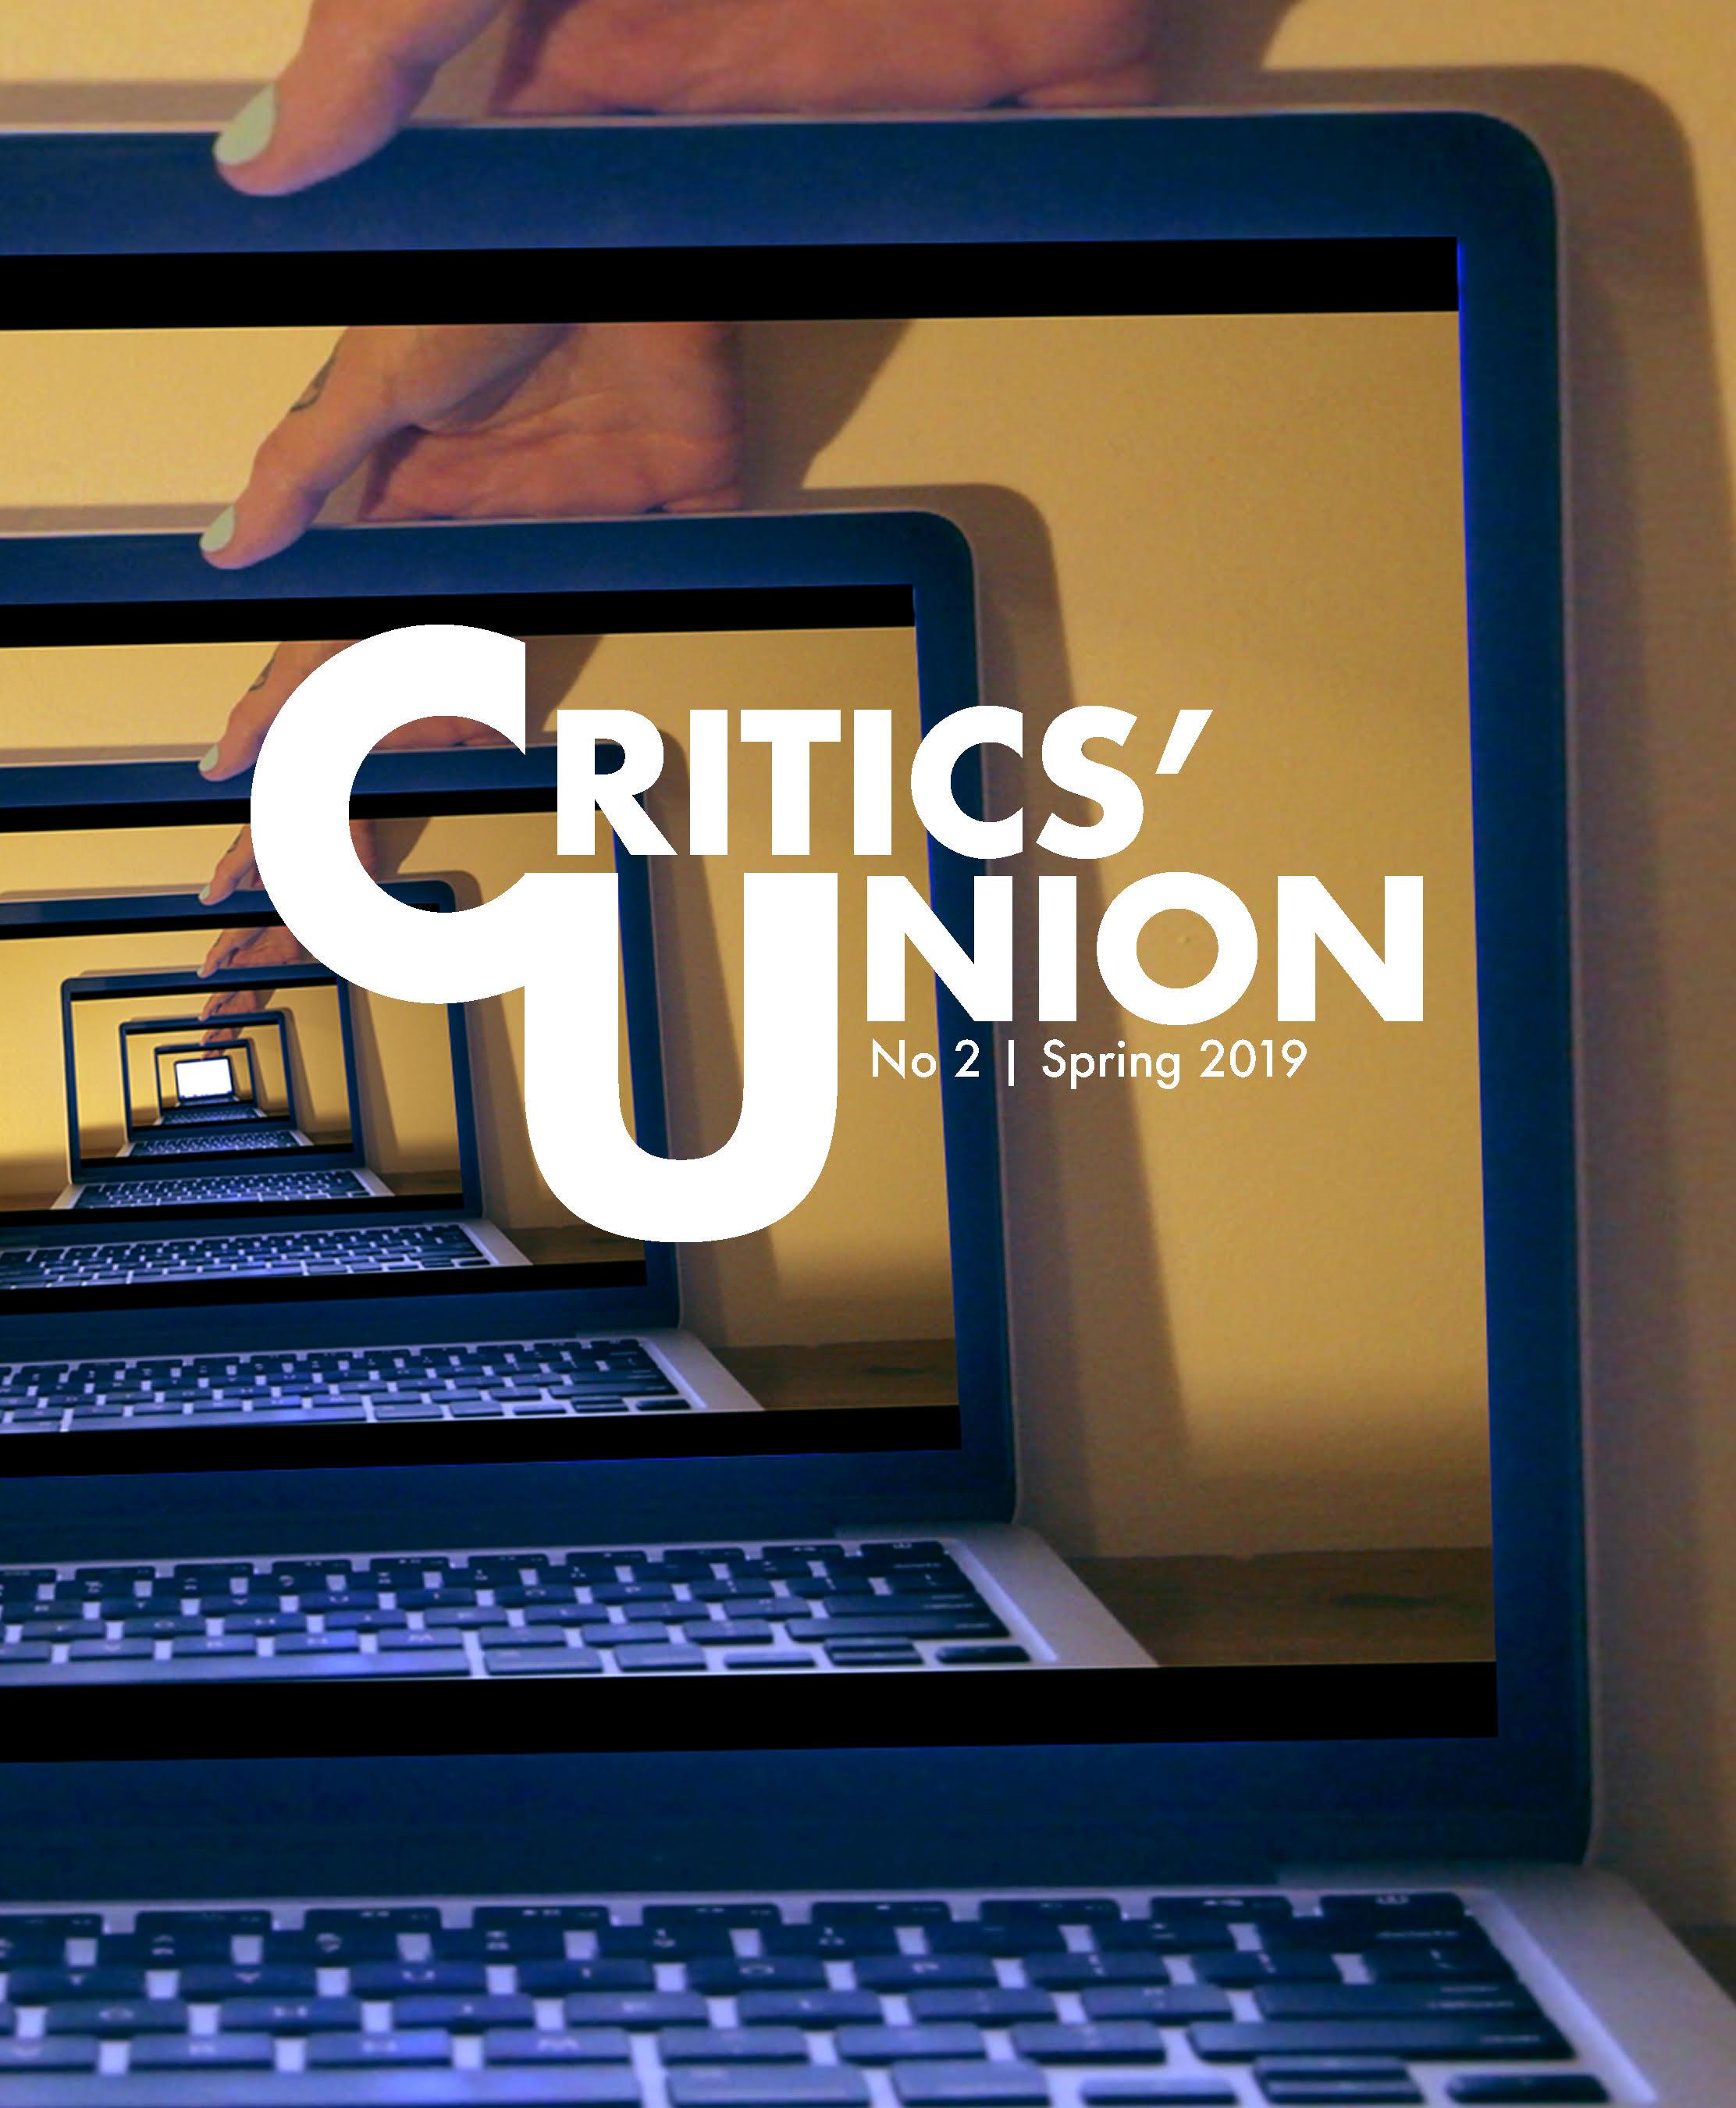 critics union 1.jpg